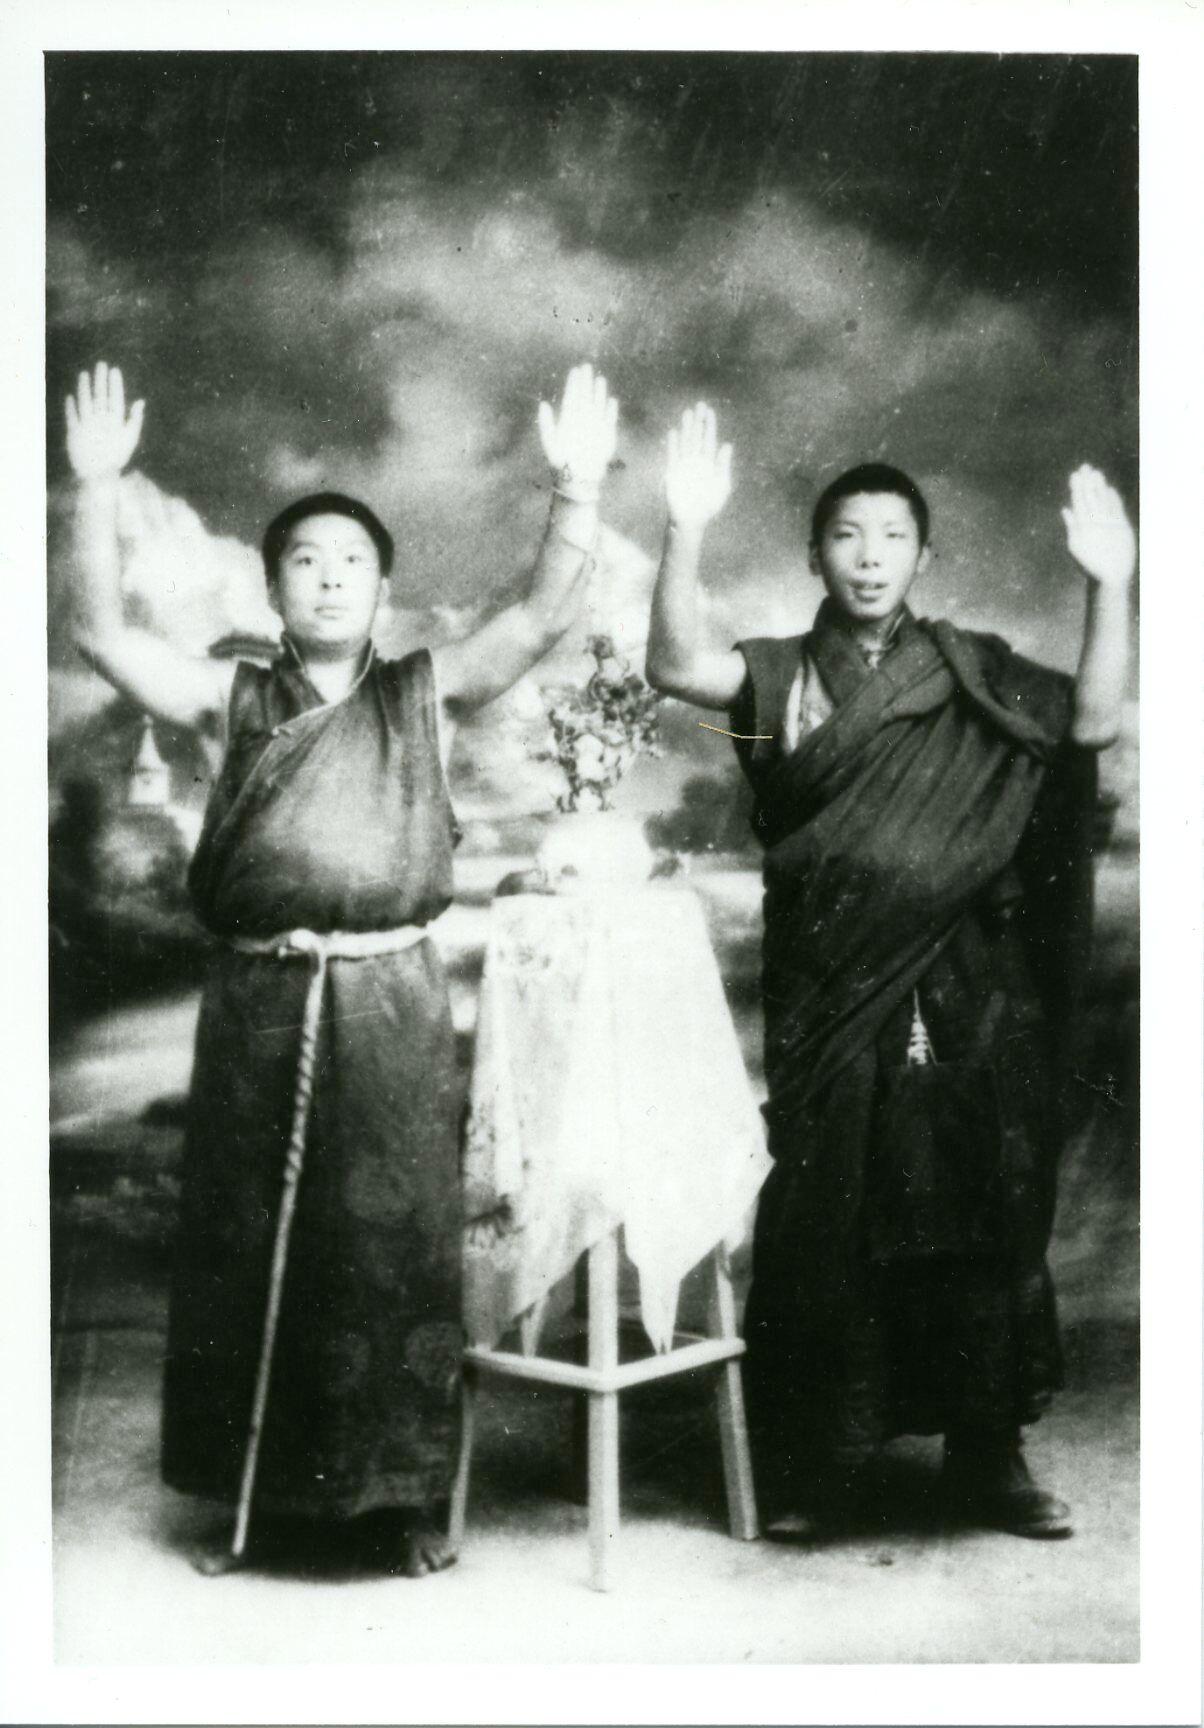 Chogyam Trungpa (R), Khenpo Gangshar, 1958